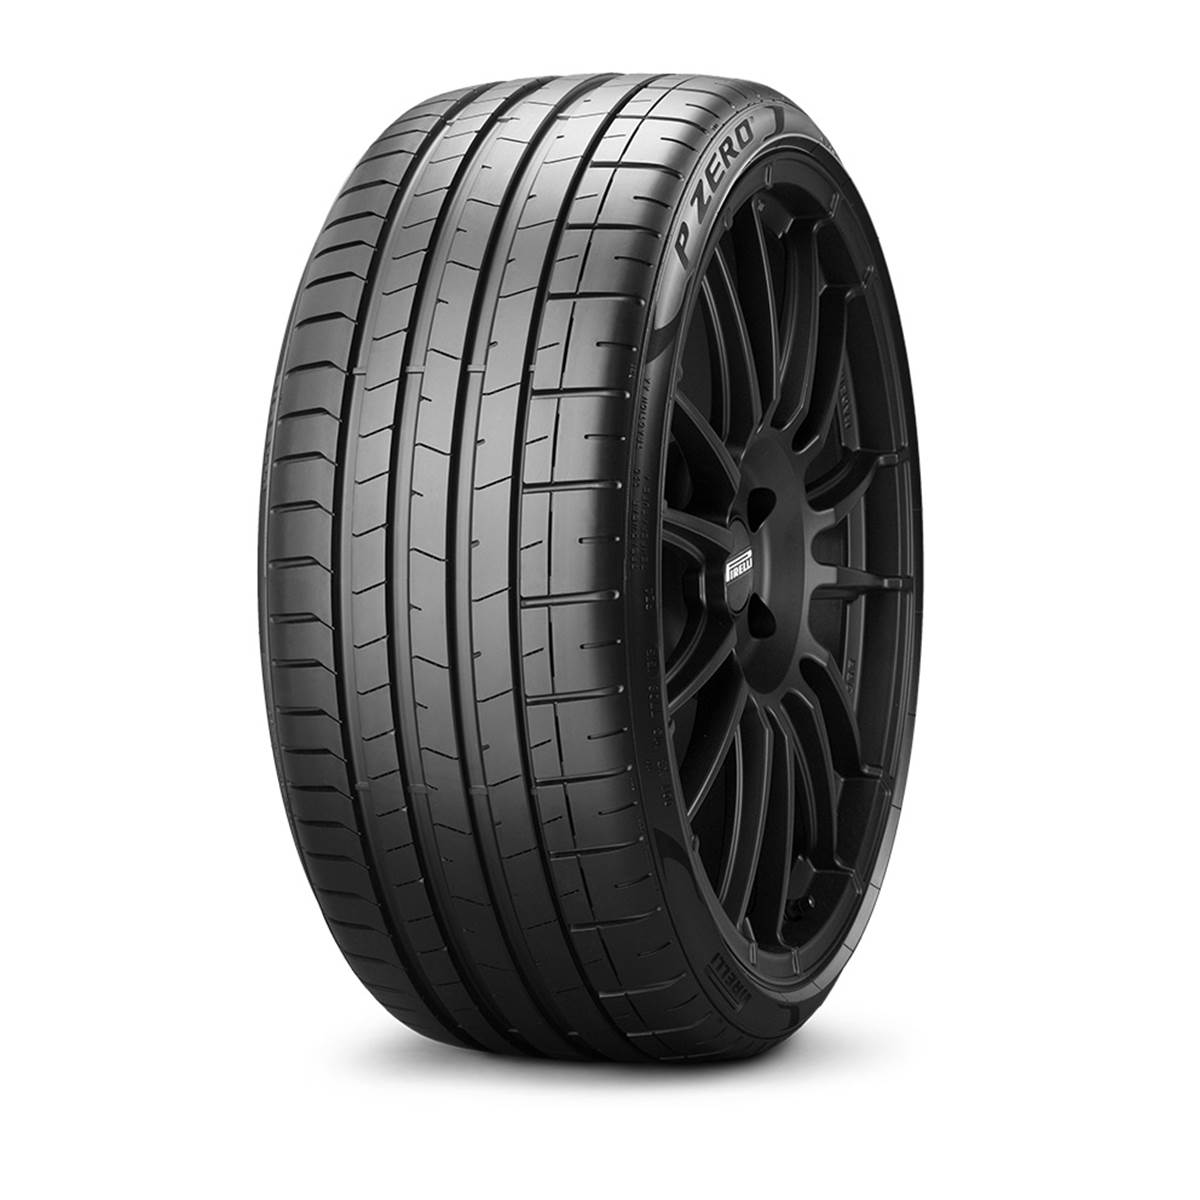 Pneu Pirelli 265/35R20 99Y Pzero XL